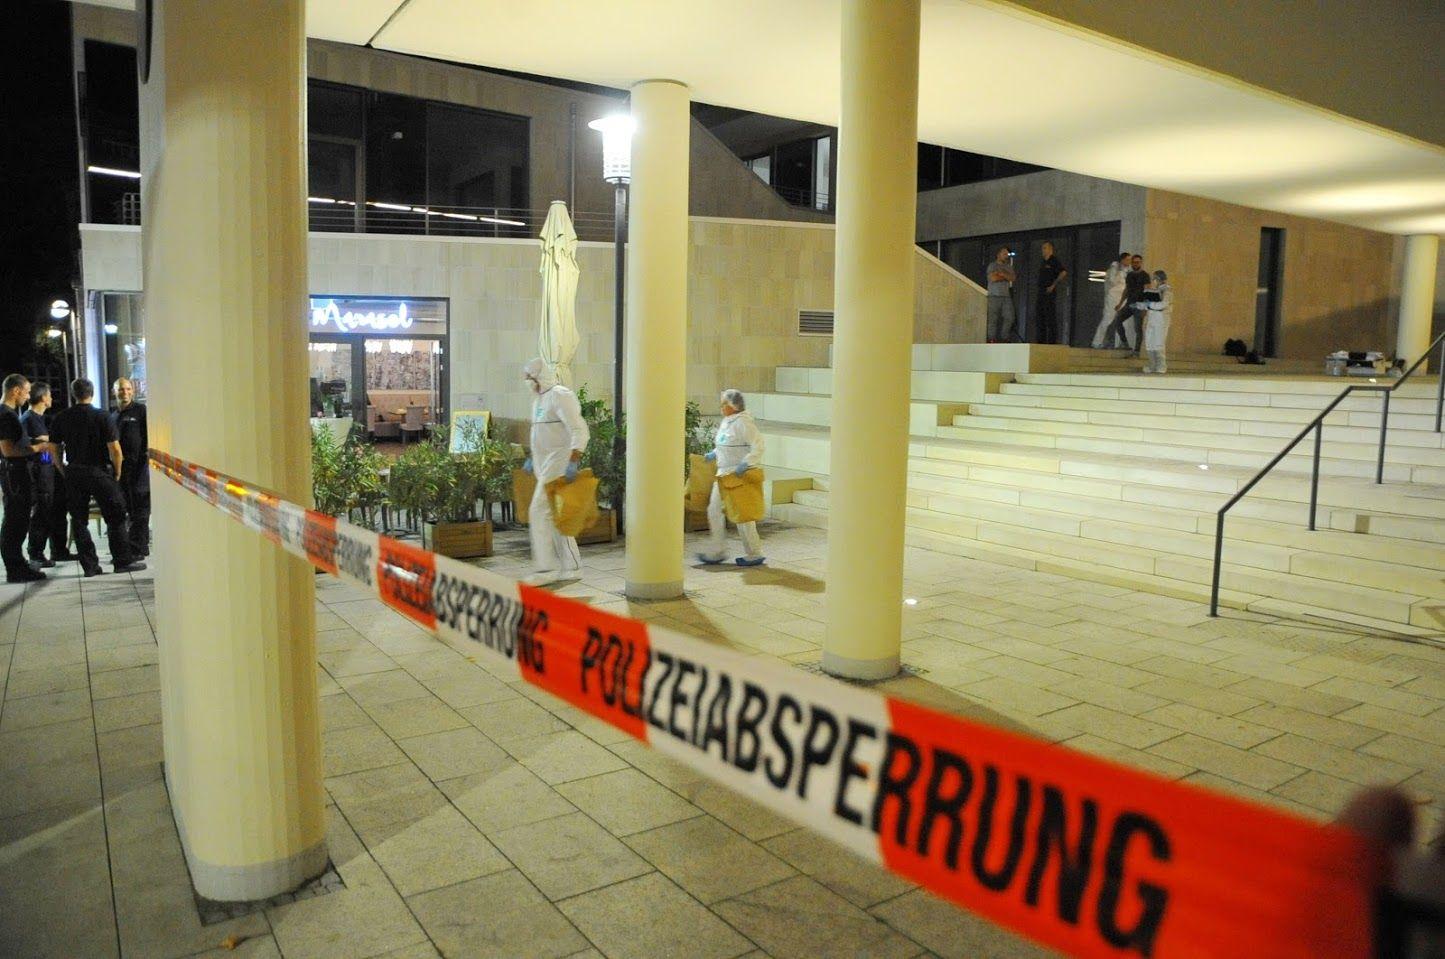 Toter mit Stichverletzungen in Mönchengladbach entdeckt